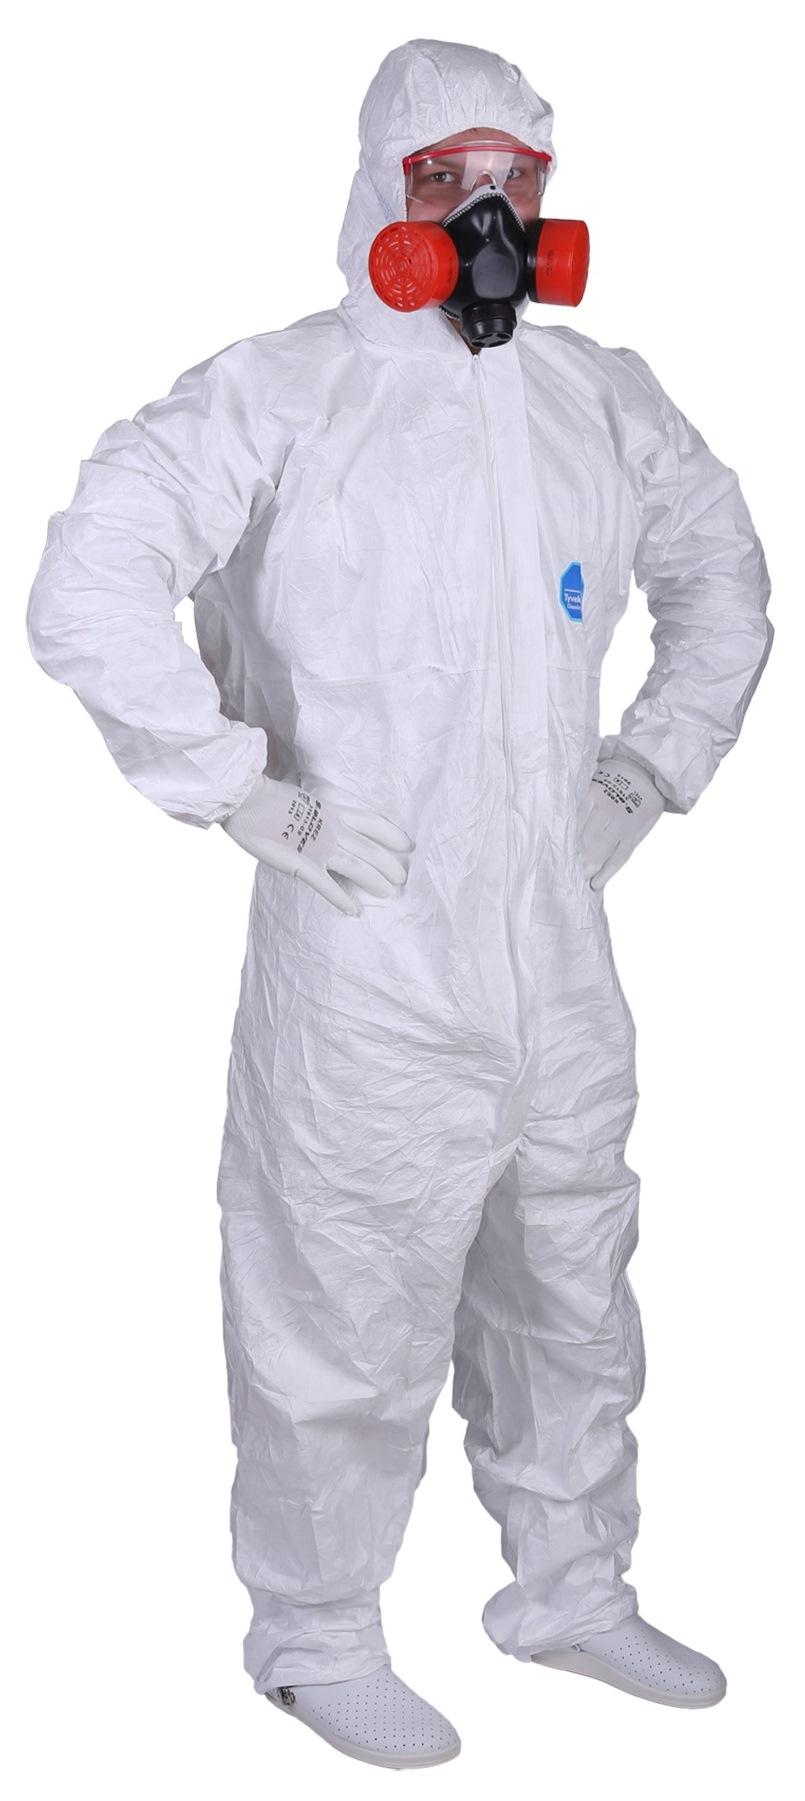 Комбинезон Дюпон™ Тайвек® 500 Эксперт от биологического заражения.